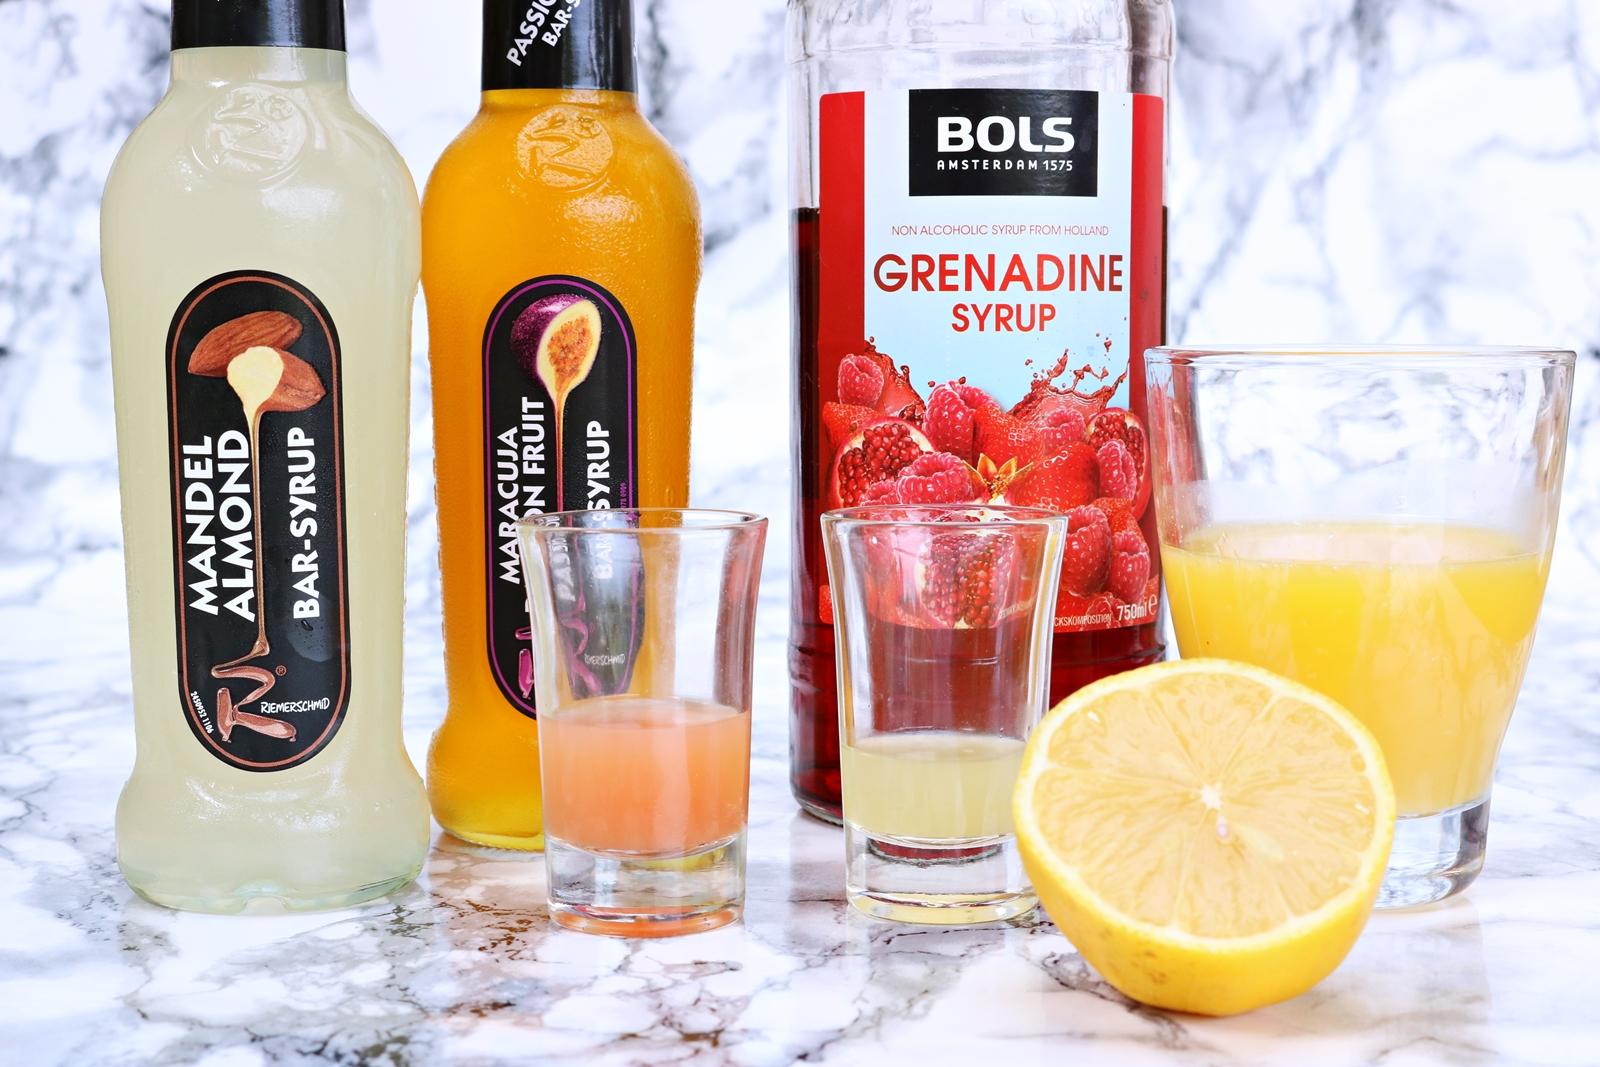 Flamingo Cocktail alkoholfrei - erfrischender exotischer Cocktail auch für Kinder geeignet - Rezept - Zutaten - Fashionladyloves by Tamara Wagner - Foodblog